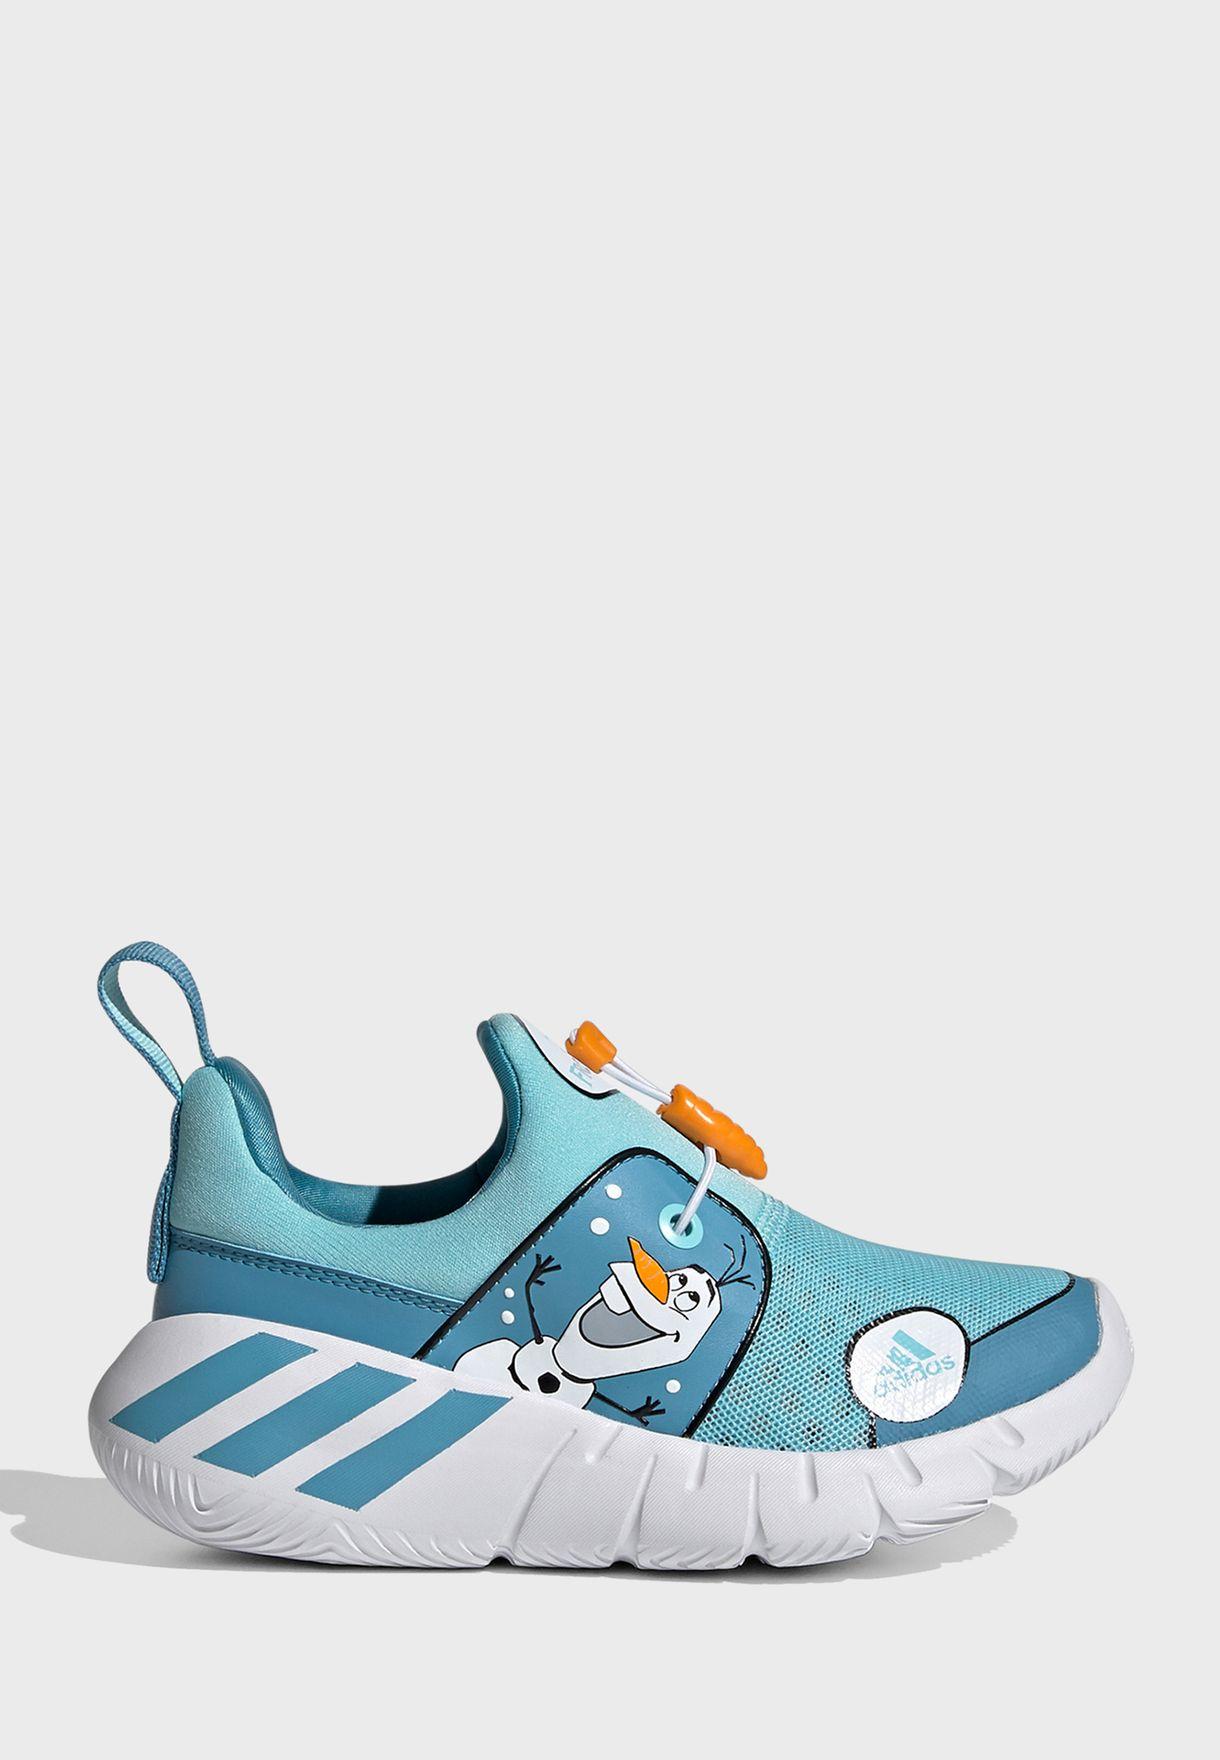 حذاء رياضي من مجموعة ديزني (للجنسين)